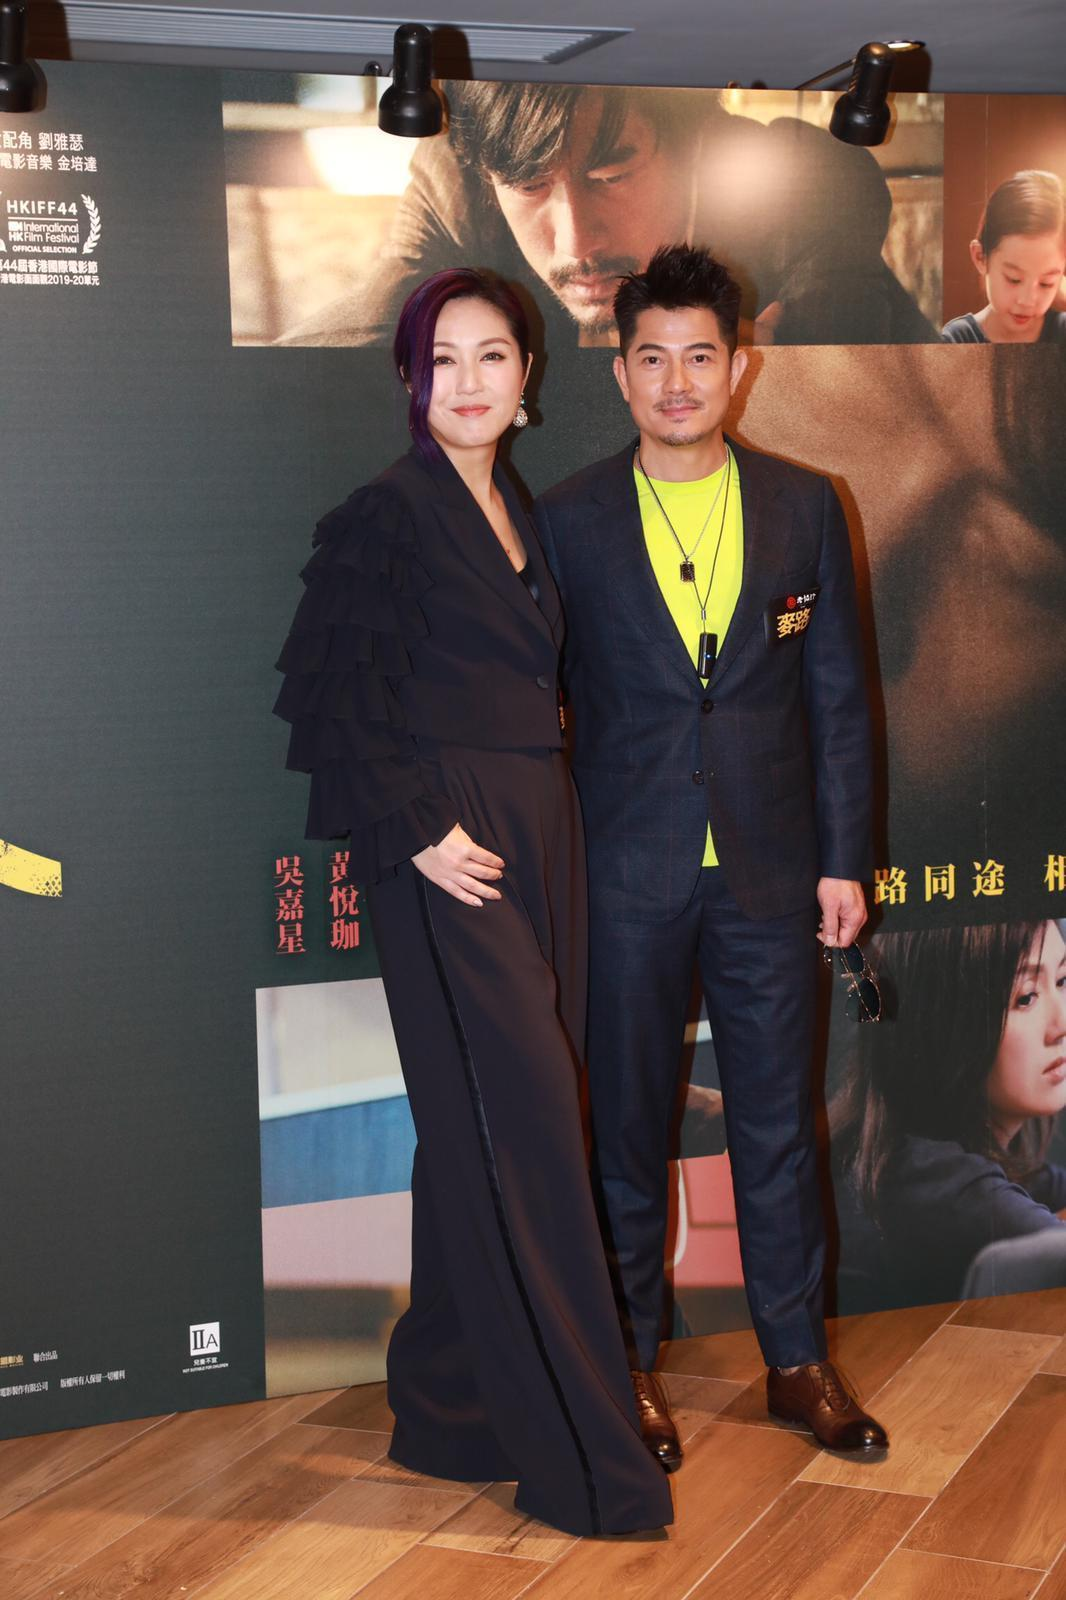 跳離角色,郭富城與楊千嬅出席《麥路人》首映時恢復天王風采,帥氣迎人。(華映提供)